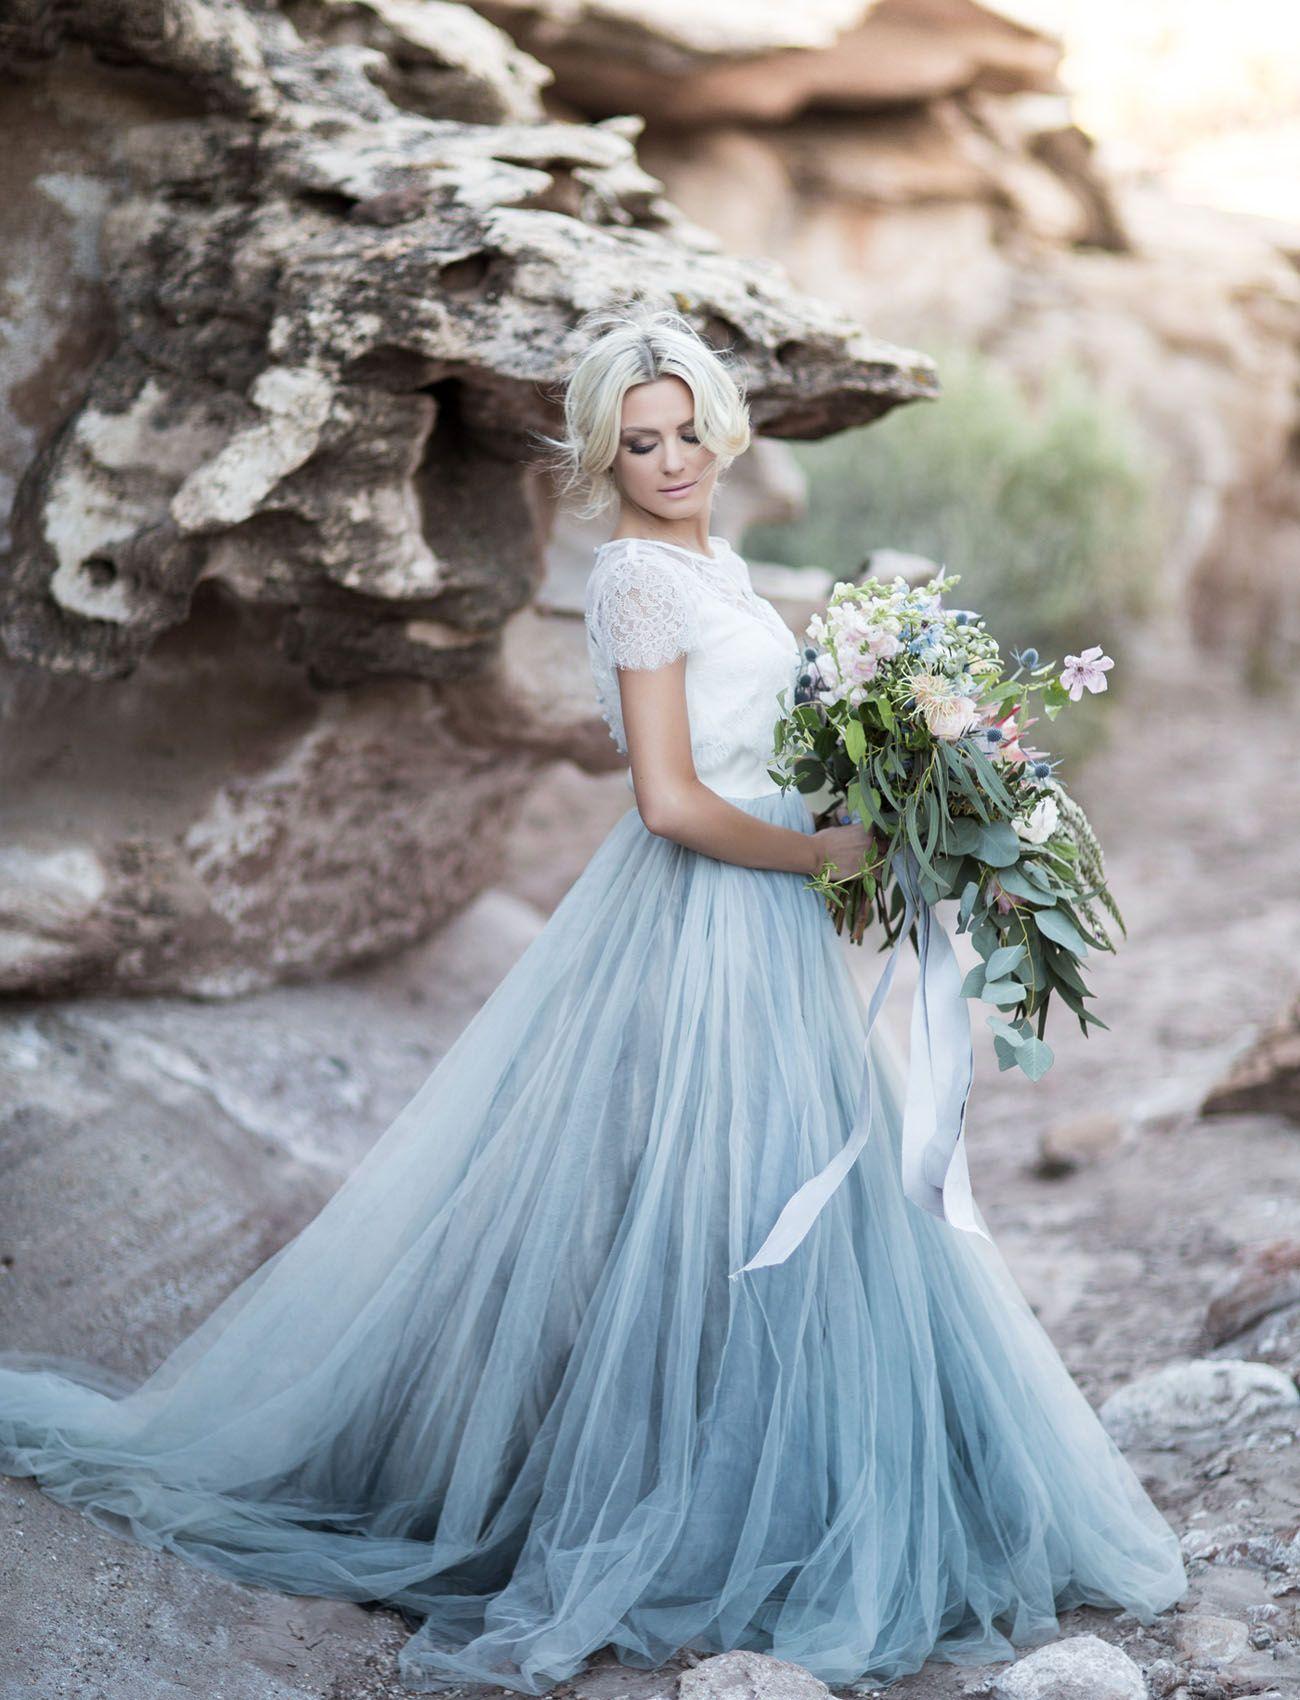 Desert Wedding Inspiration at Zion National Park   Wedding dress ...